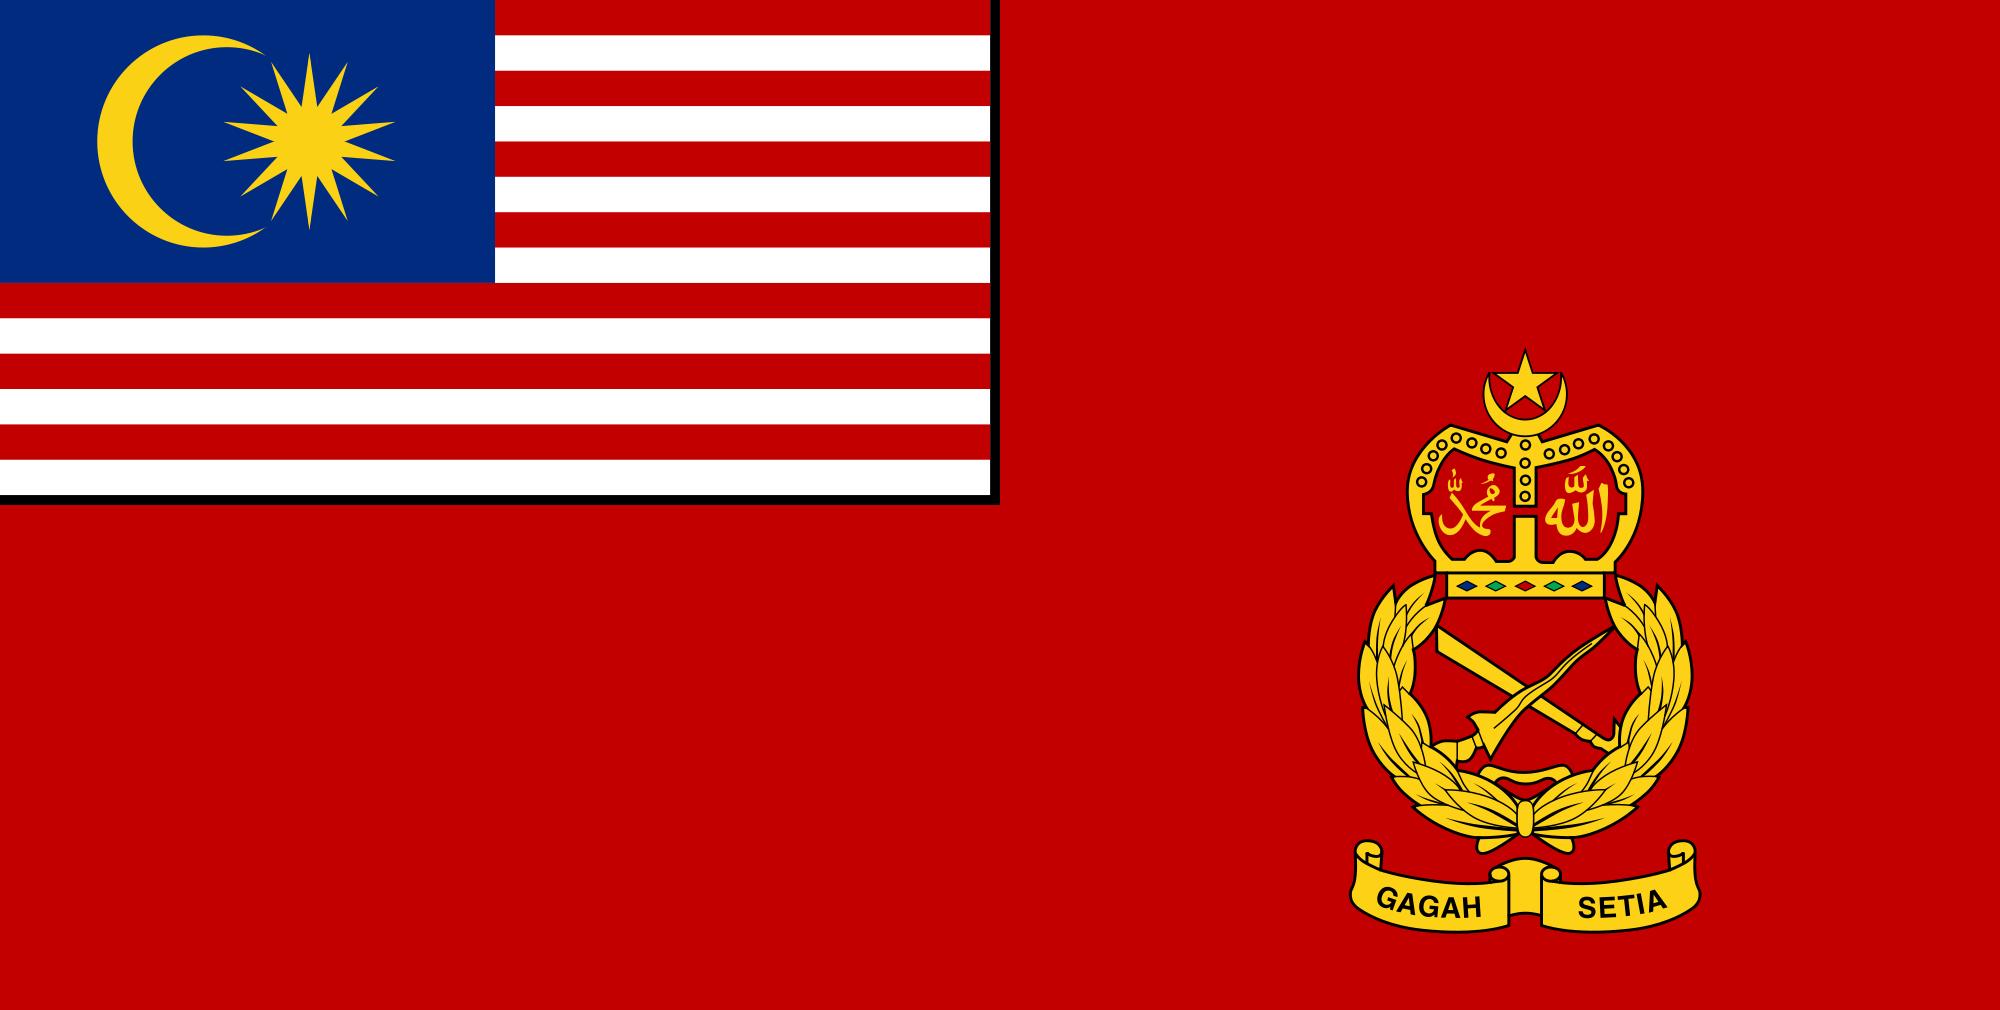 Malaysia (War flag)